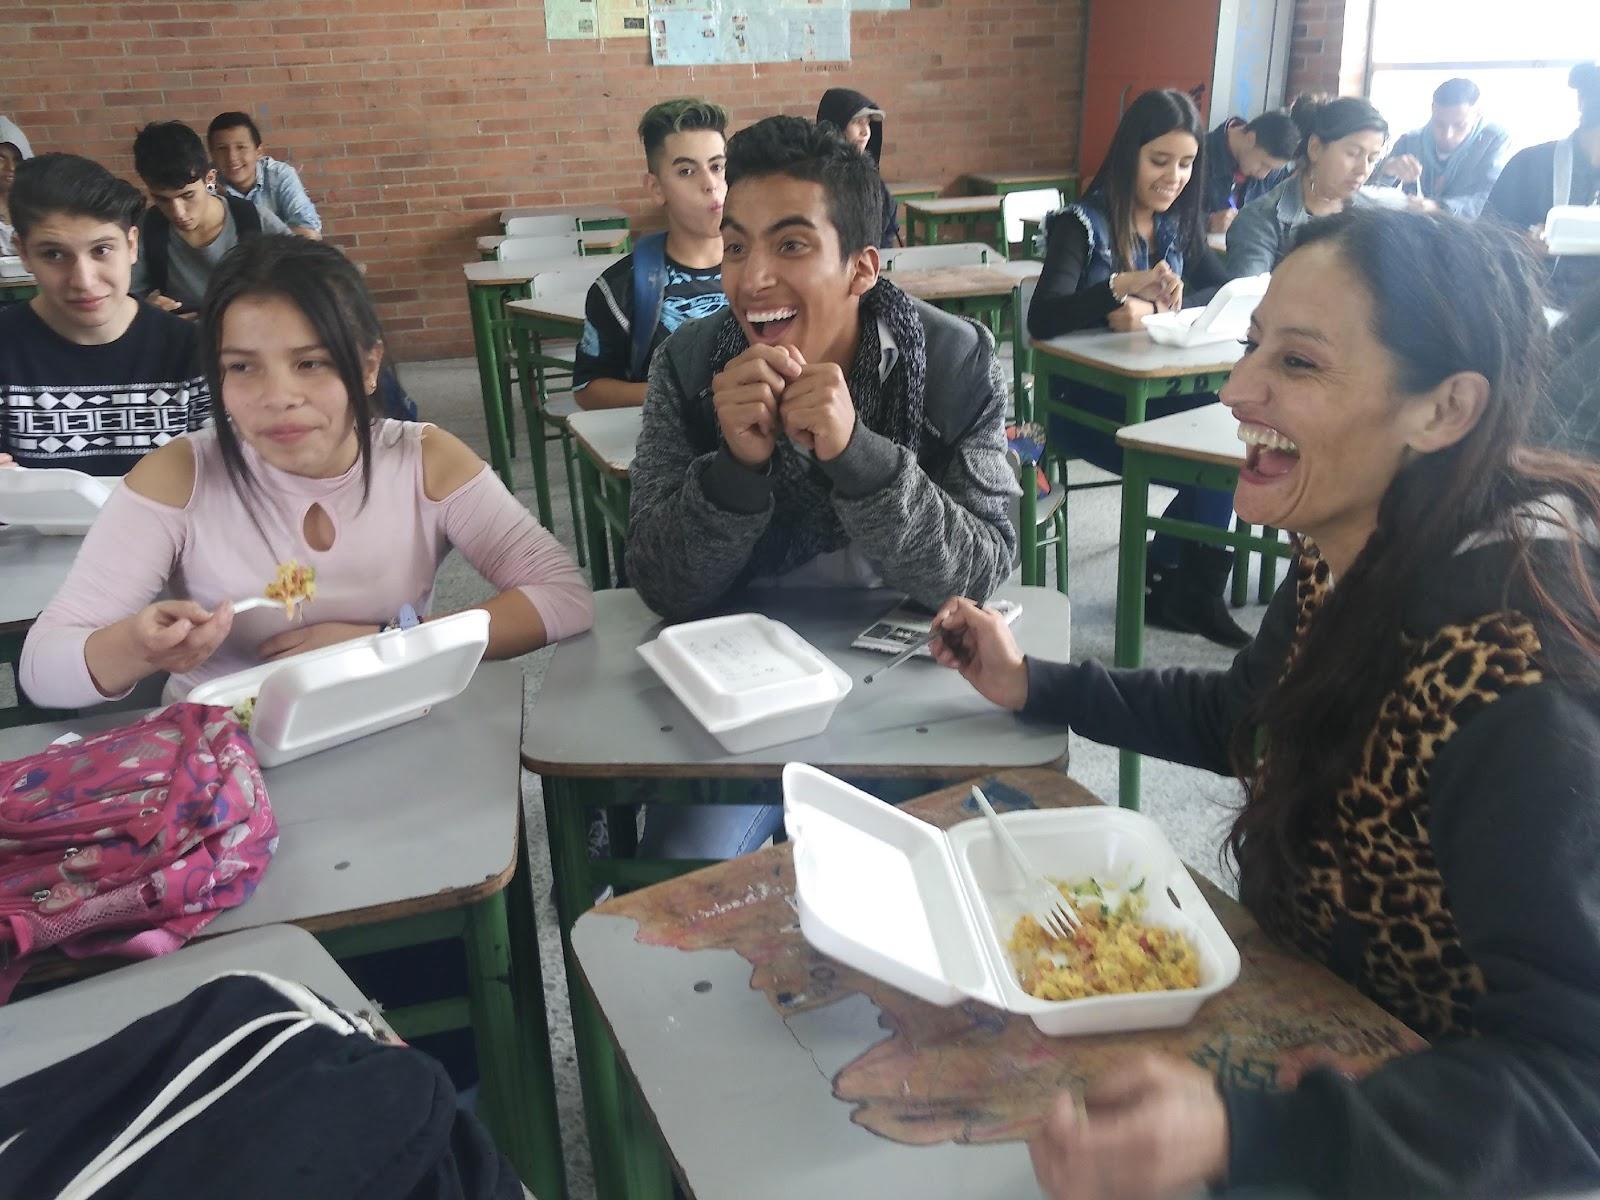 Receso académico para compartir con el grupo el almuerzo.